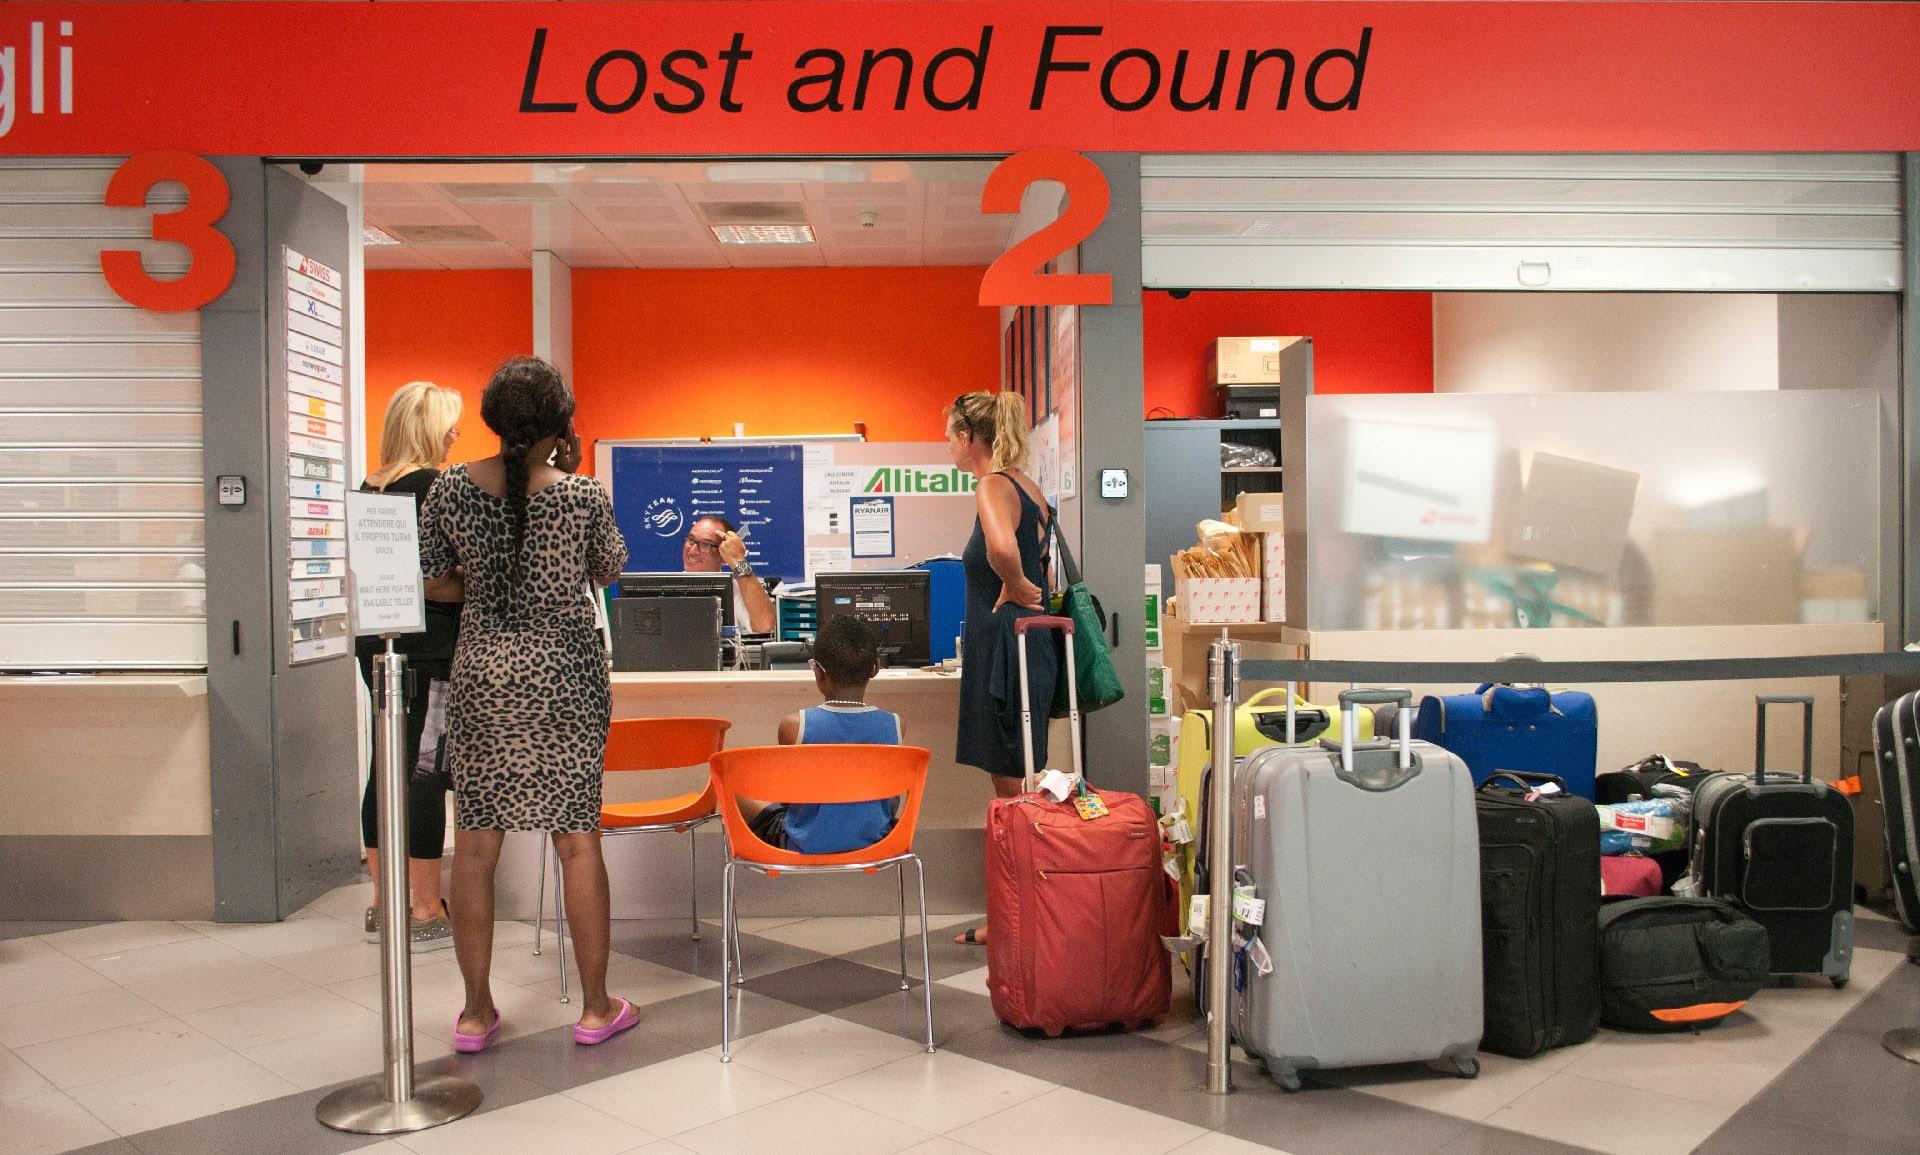 Ufficio bagagli smarriti